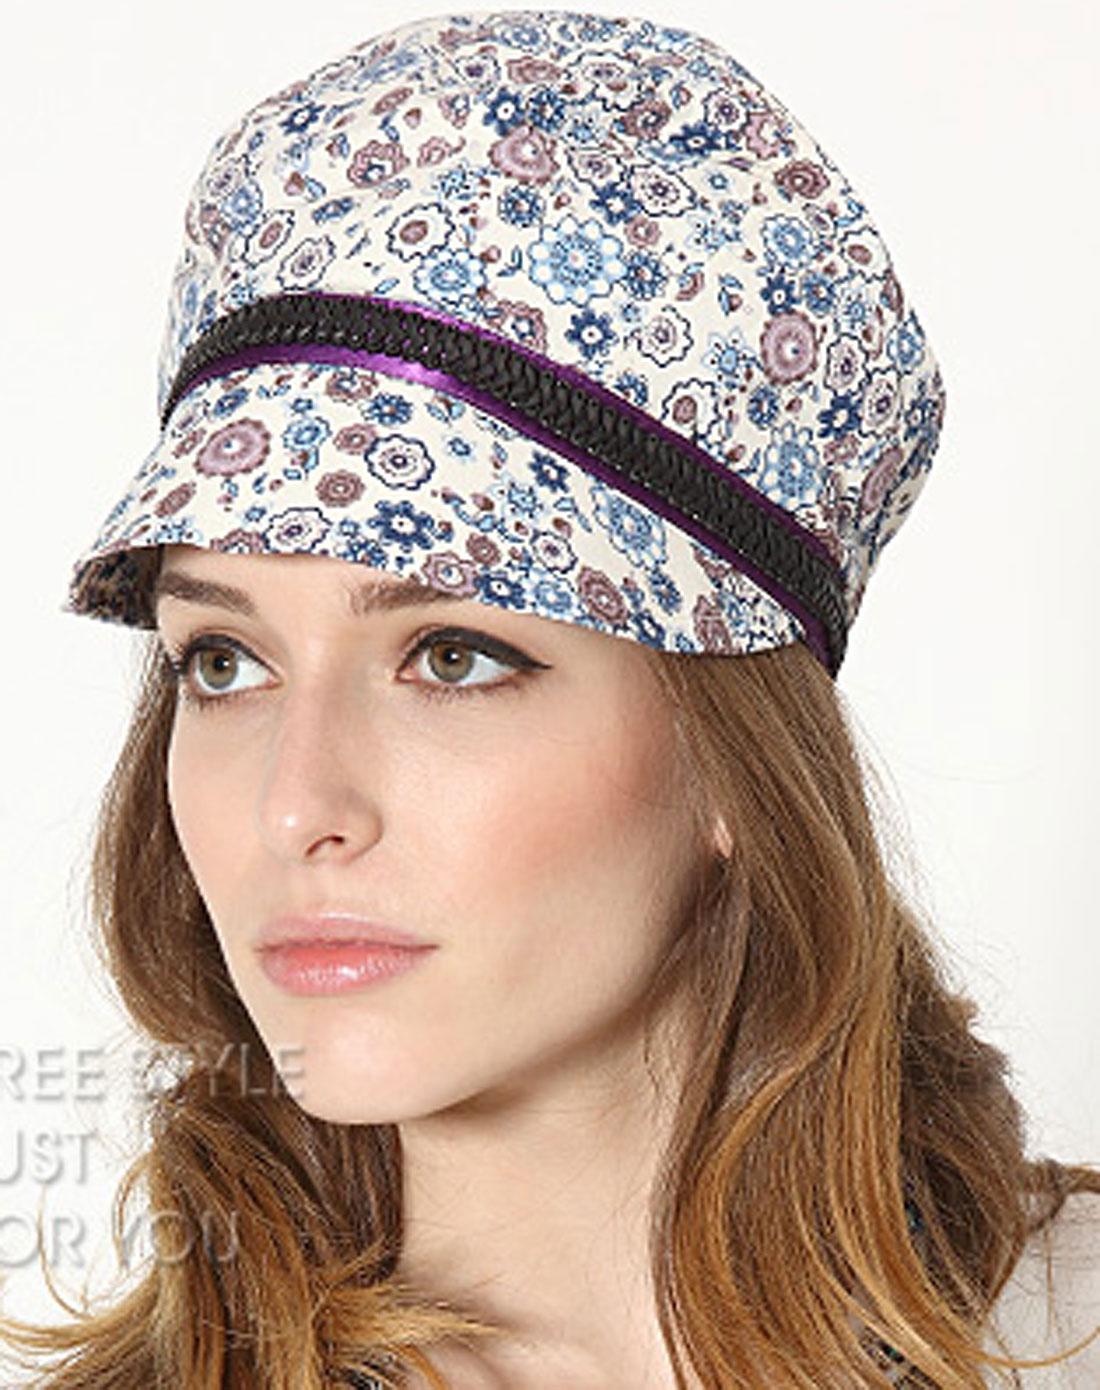 白/蓝色花纹图案时尚帽子bh80602c0